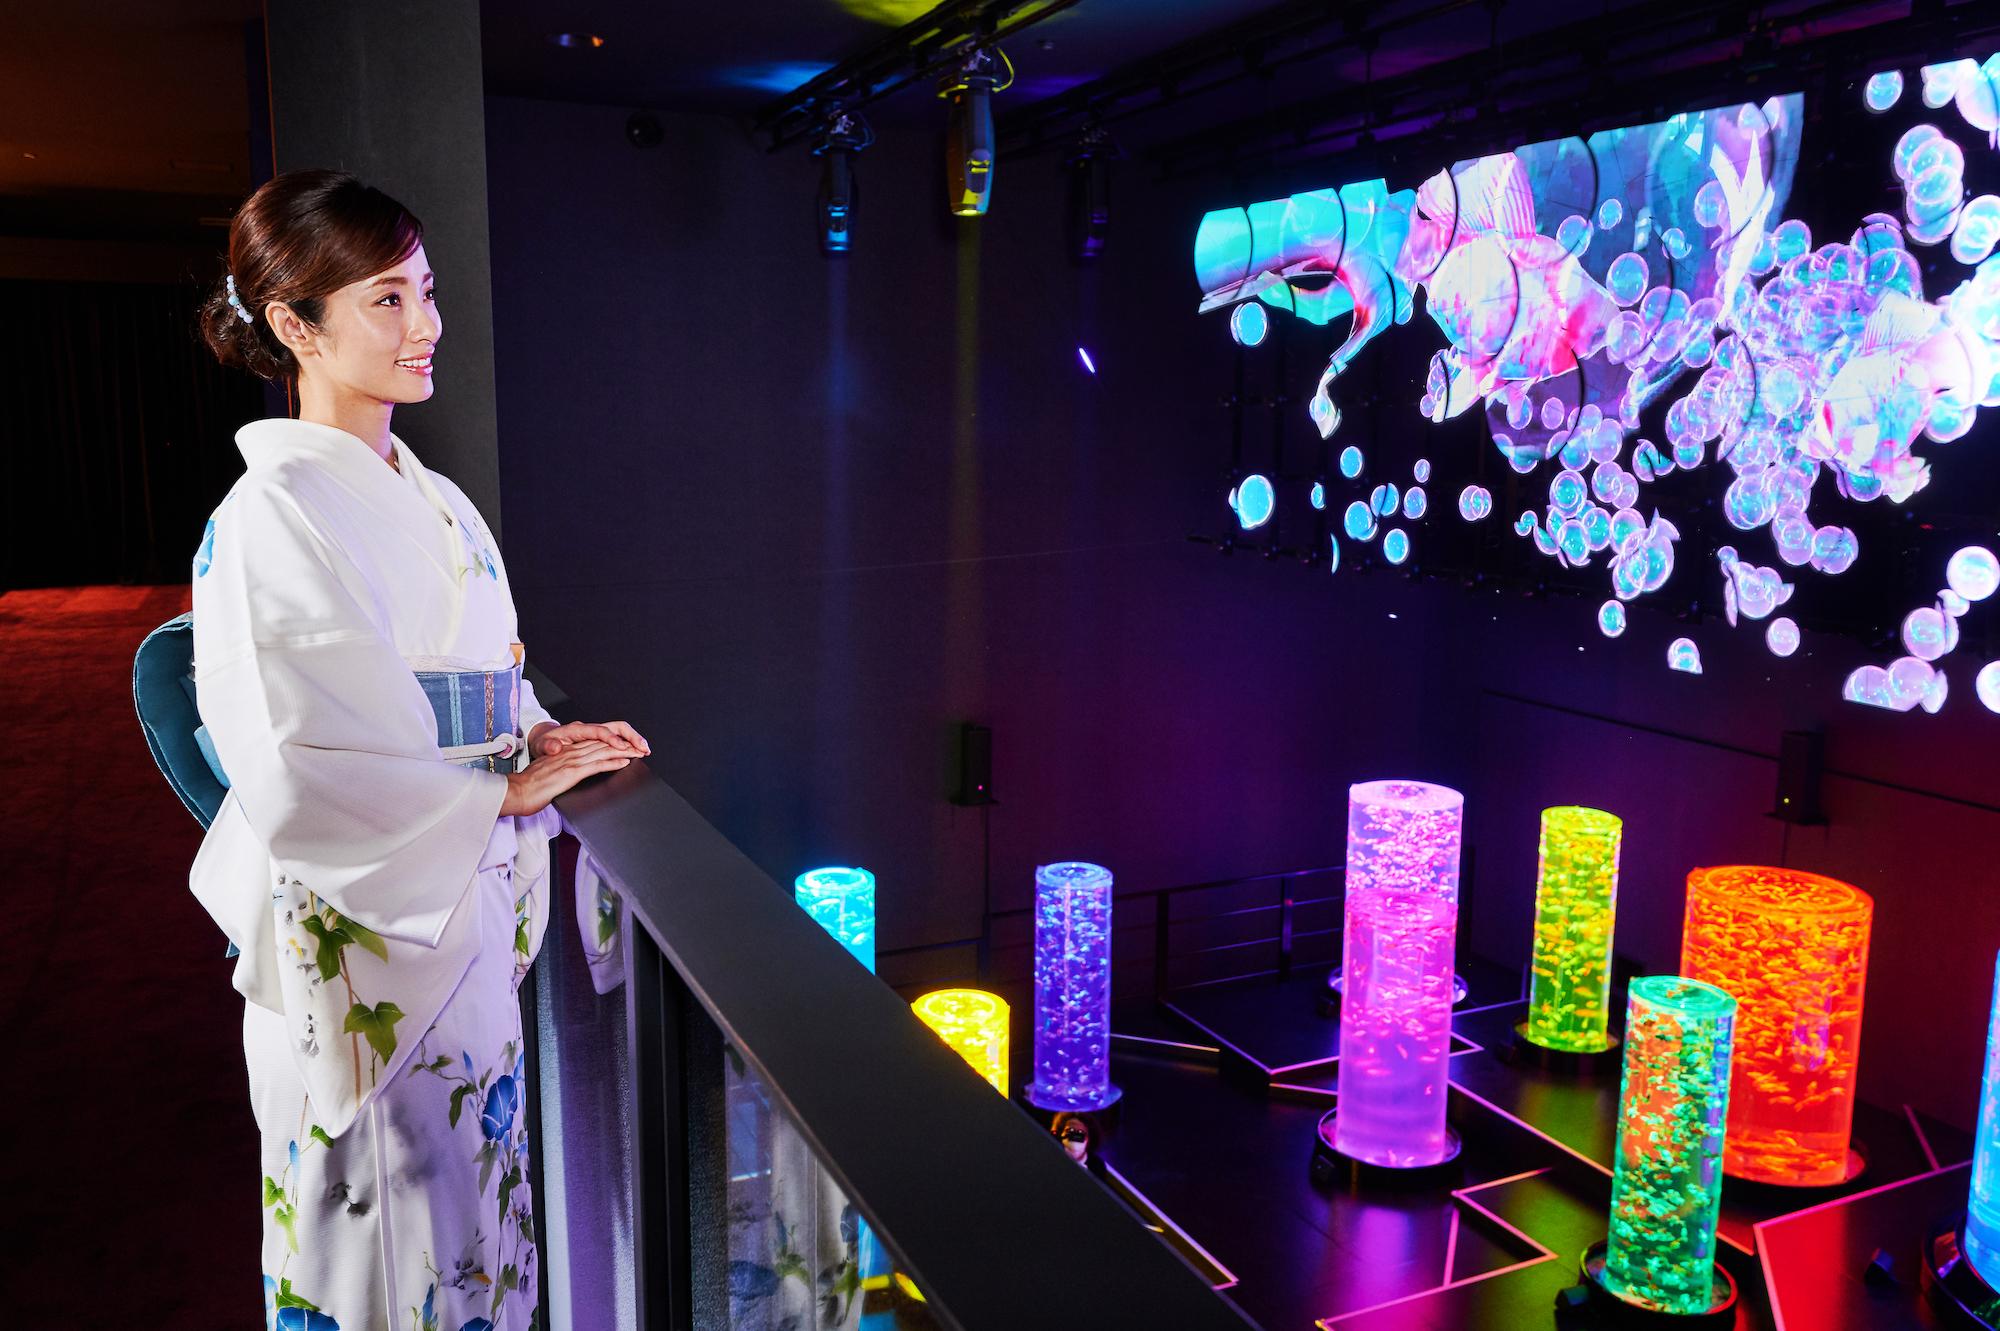 上戸彩、アートアクアリウム美術館のオープニング広報大使に就任